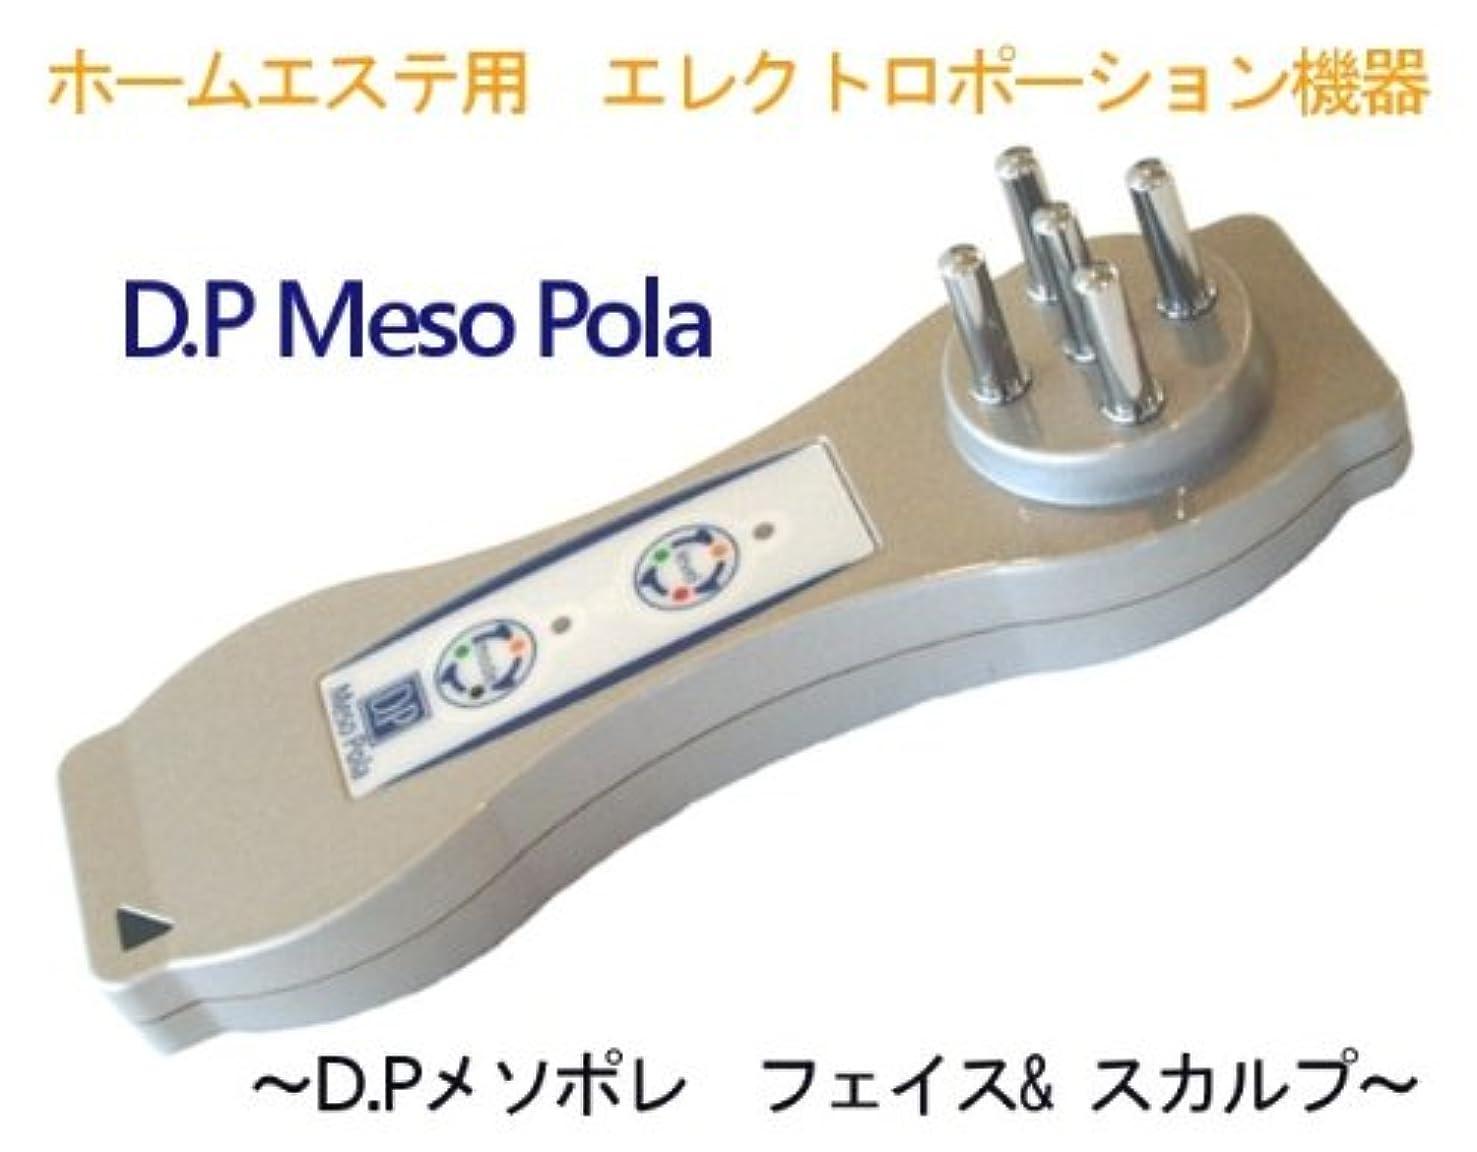 シャンプーのため鋸歯状D.P Meso Pola(ディーピー メソポレ) フェイス&スカルプ ホームエステ用 エレクトロポーション機器